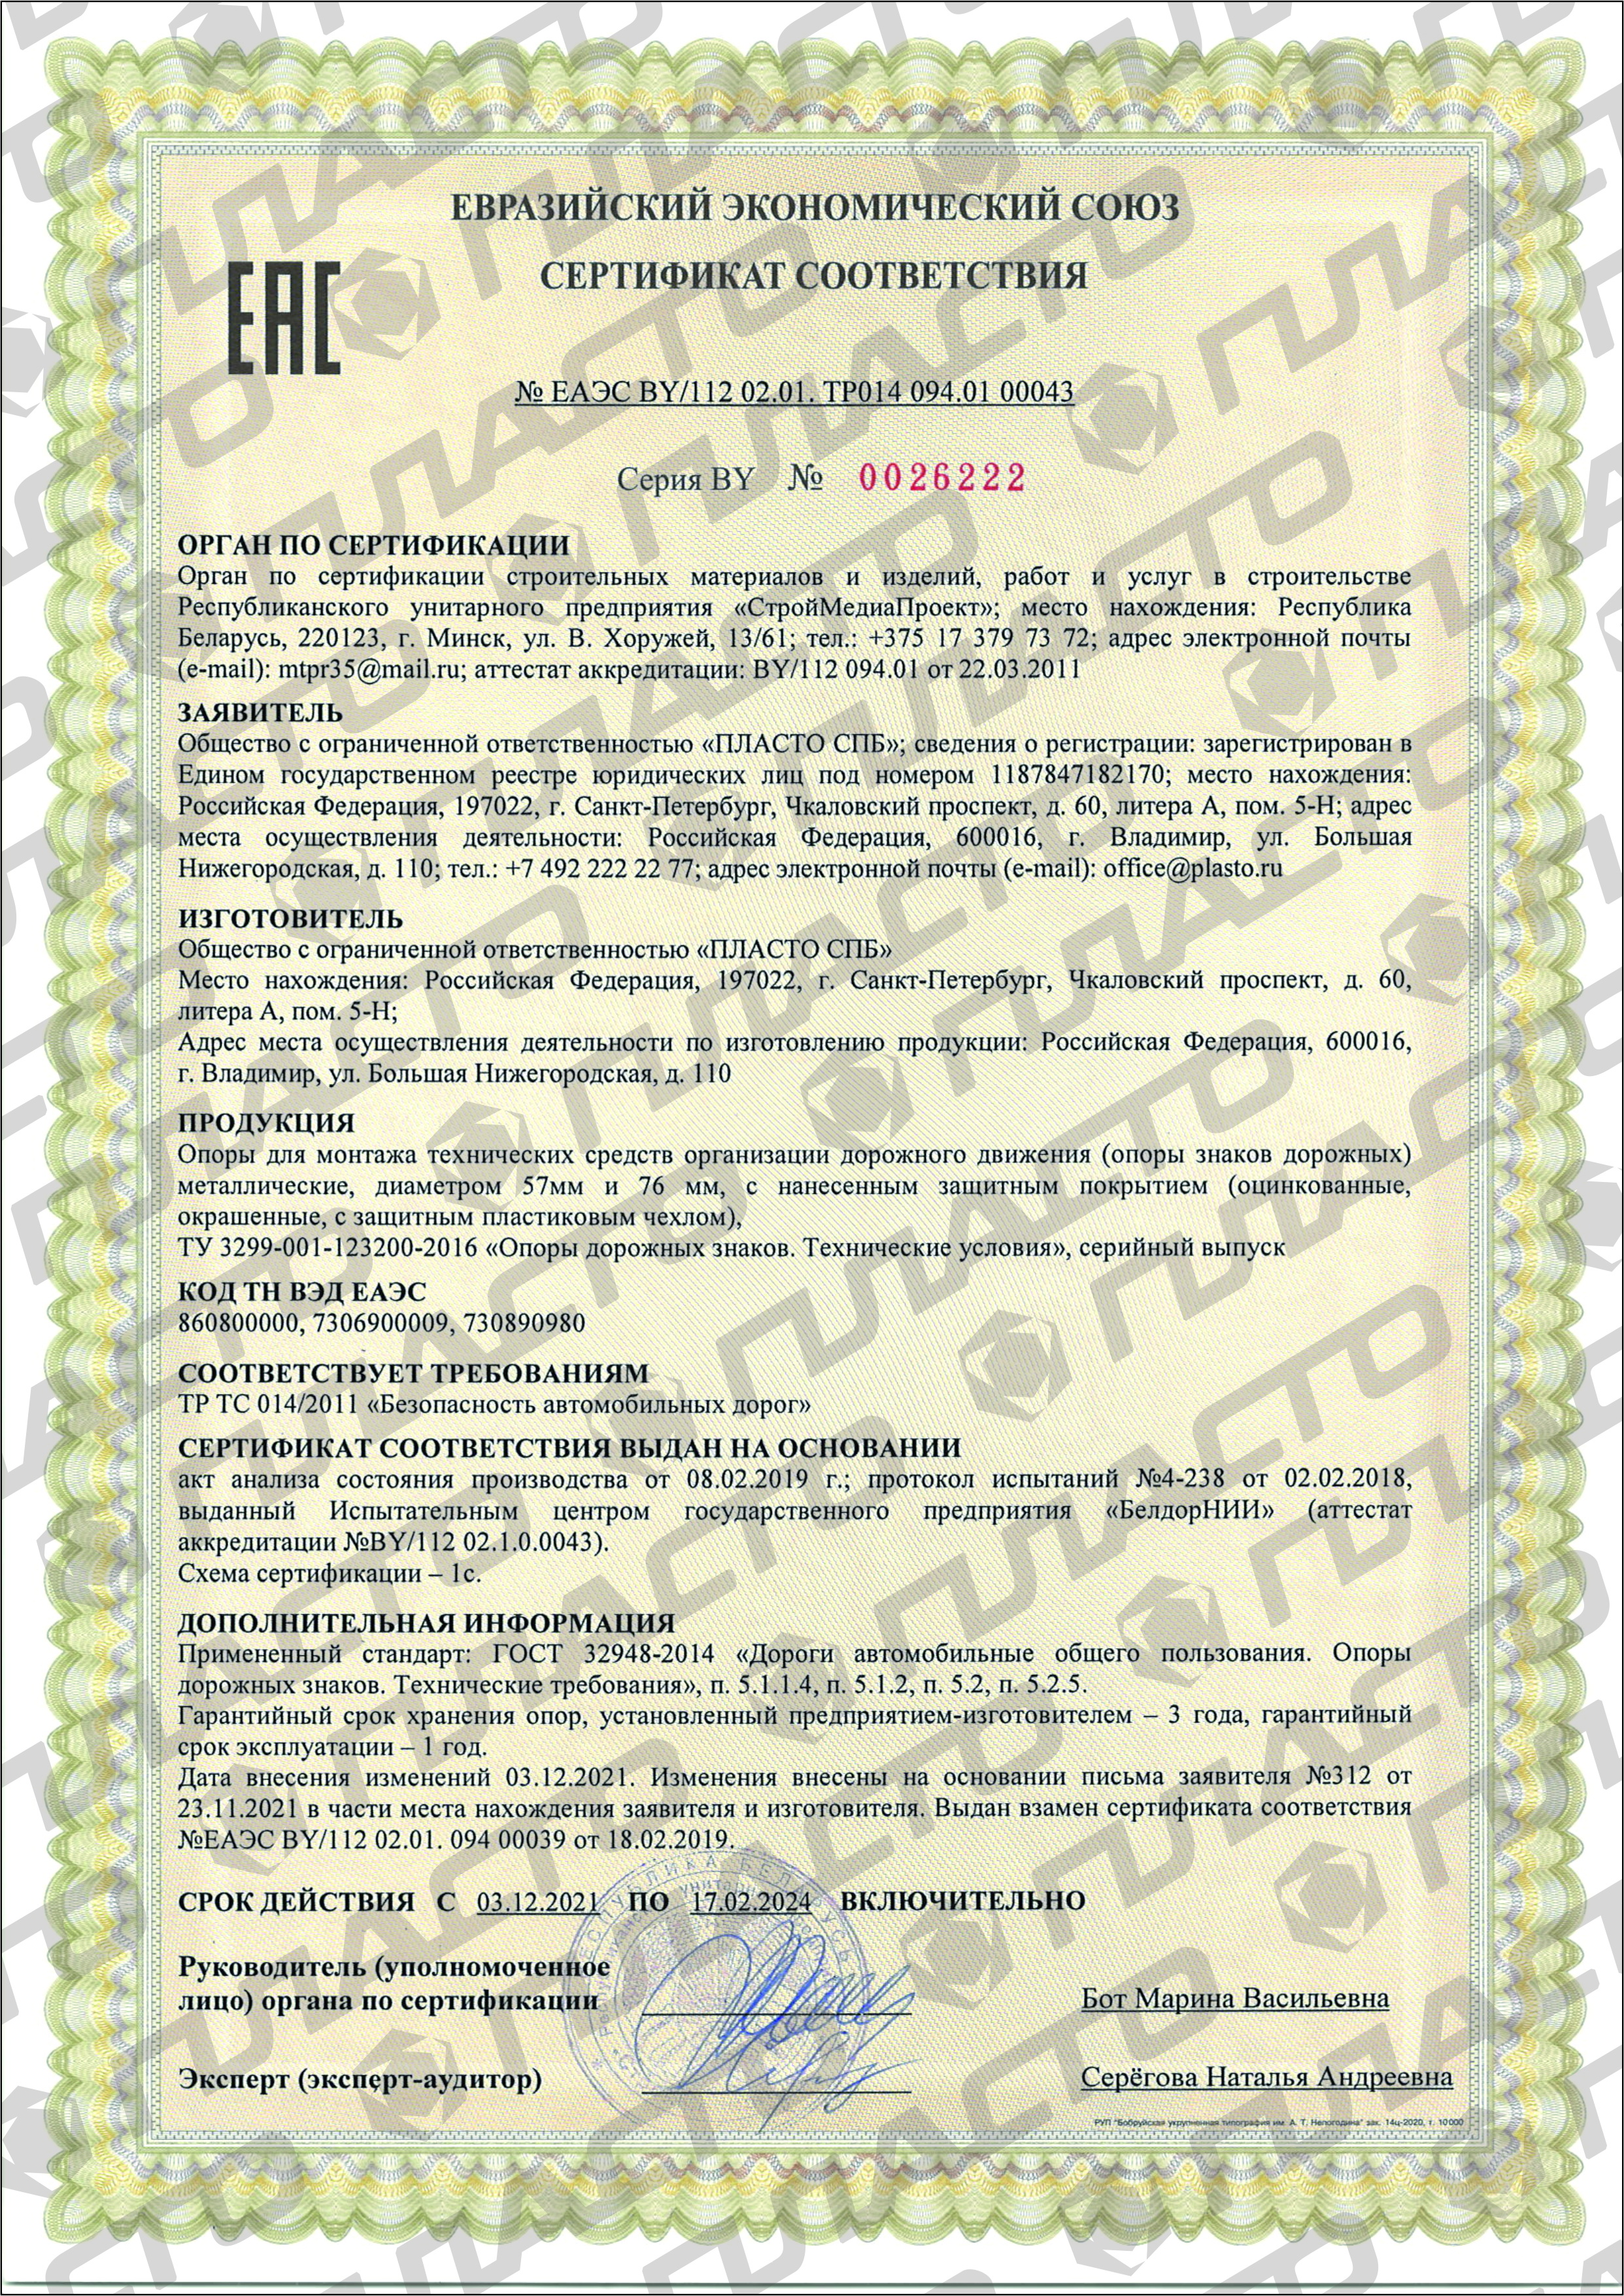 сертификат Металлопластиковые стойки для дорожных знаков, комплекты для сборки металлопластиковых стоек дорожных знаков